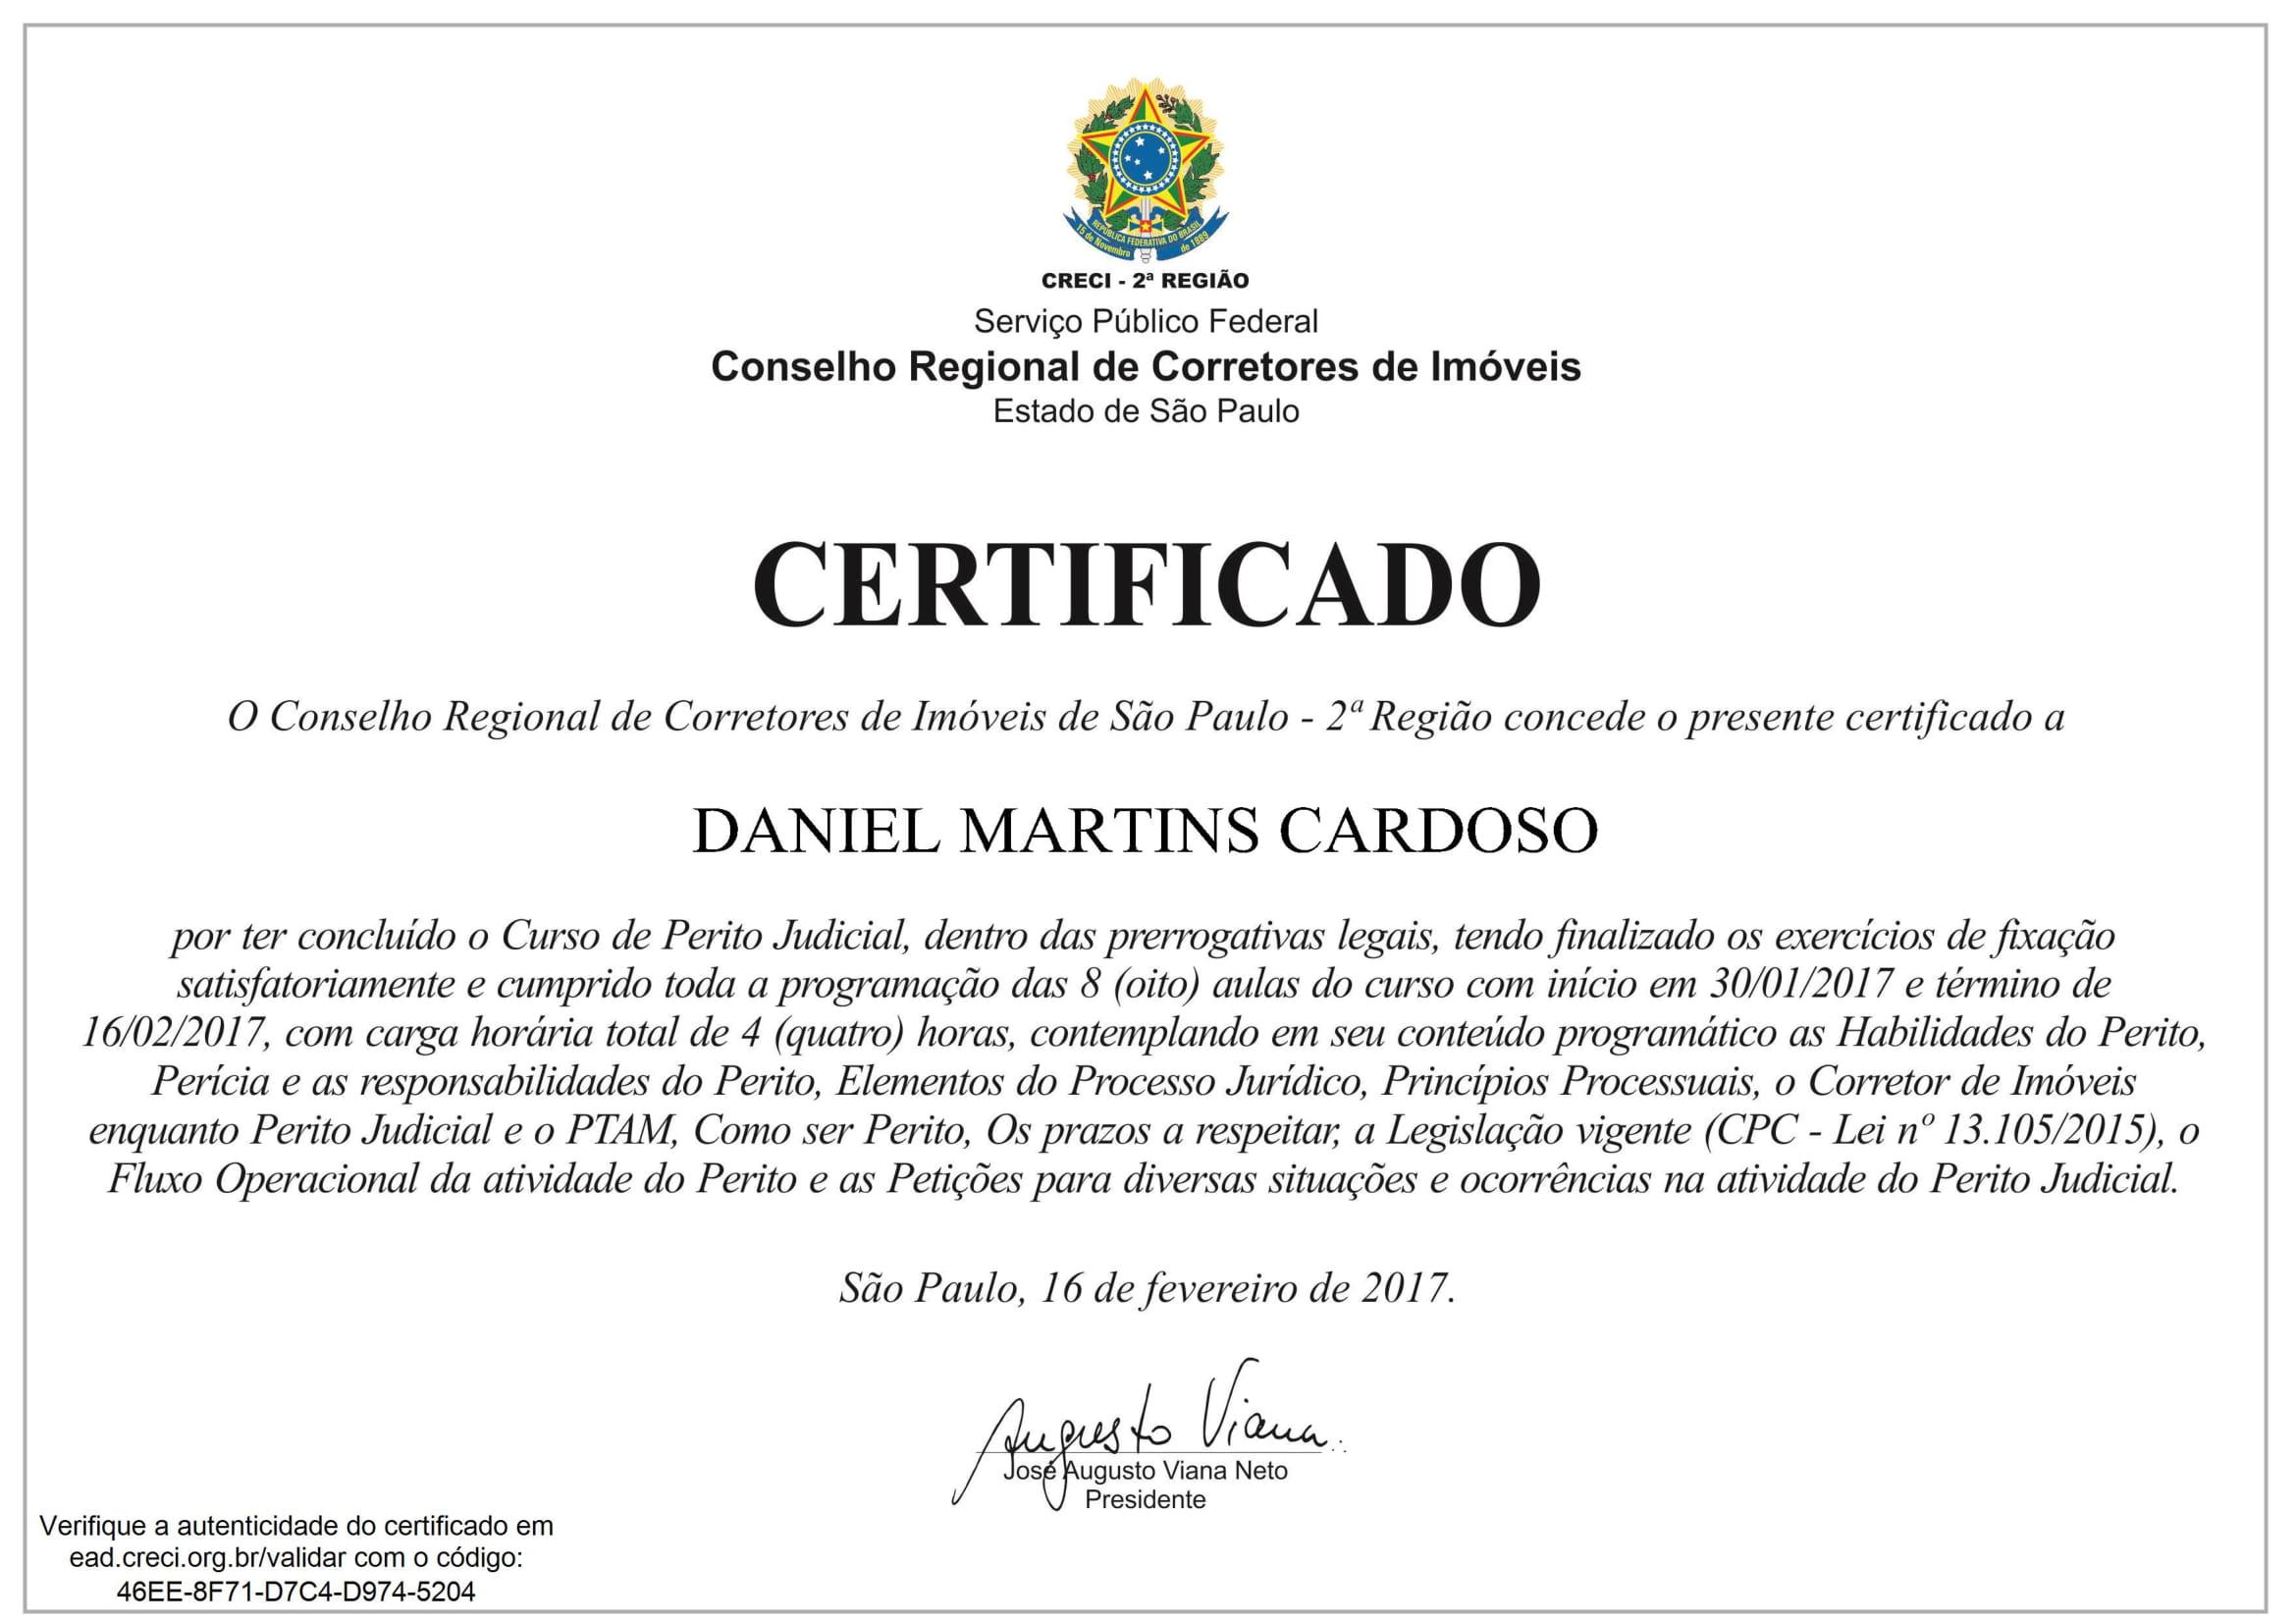 Certificado Curso de Perito Judicial CRECI